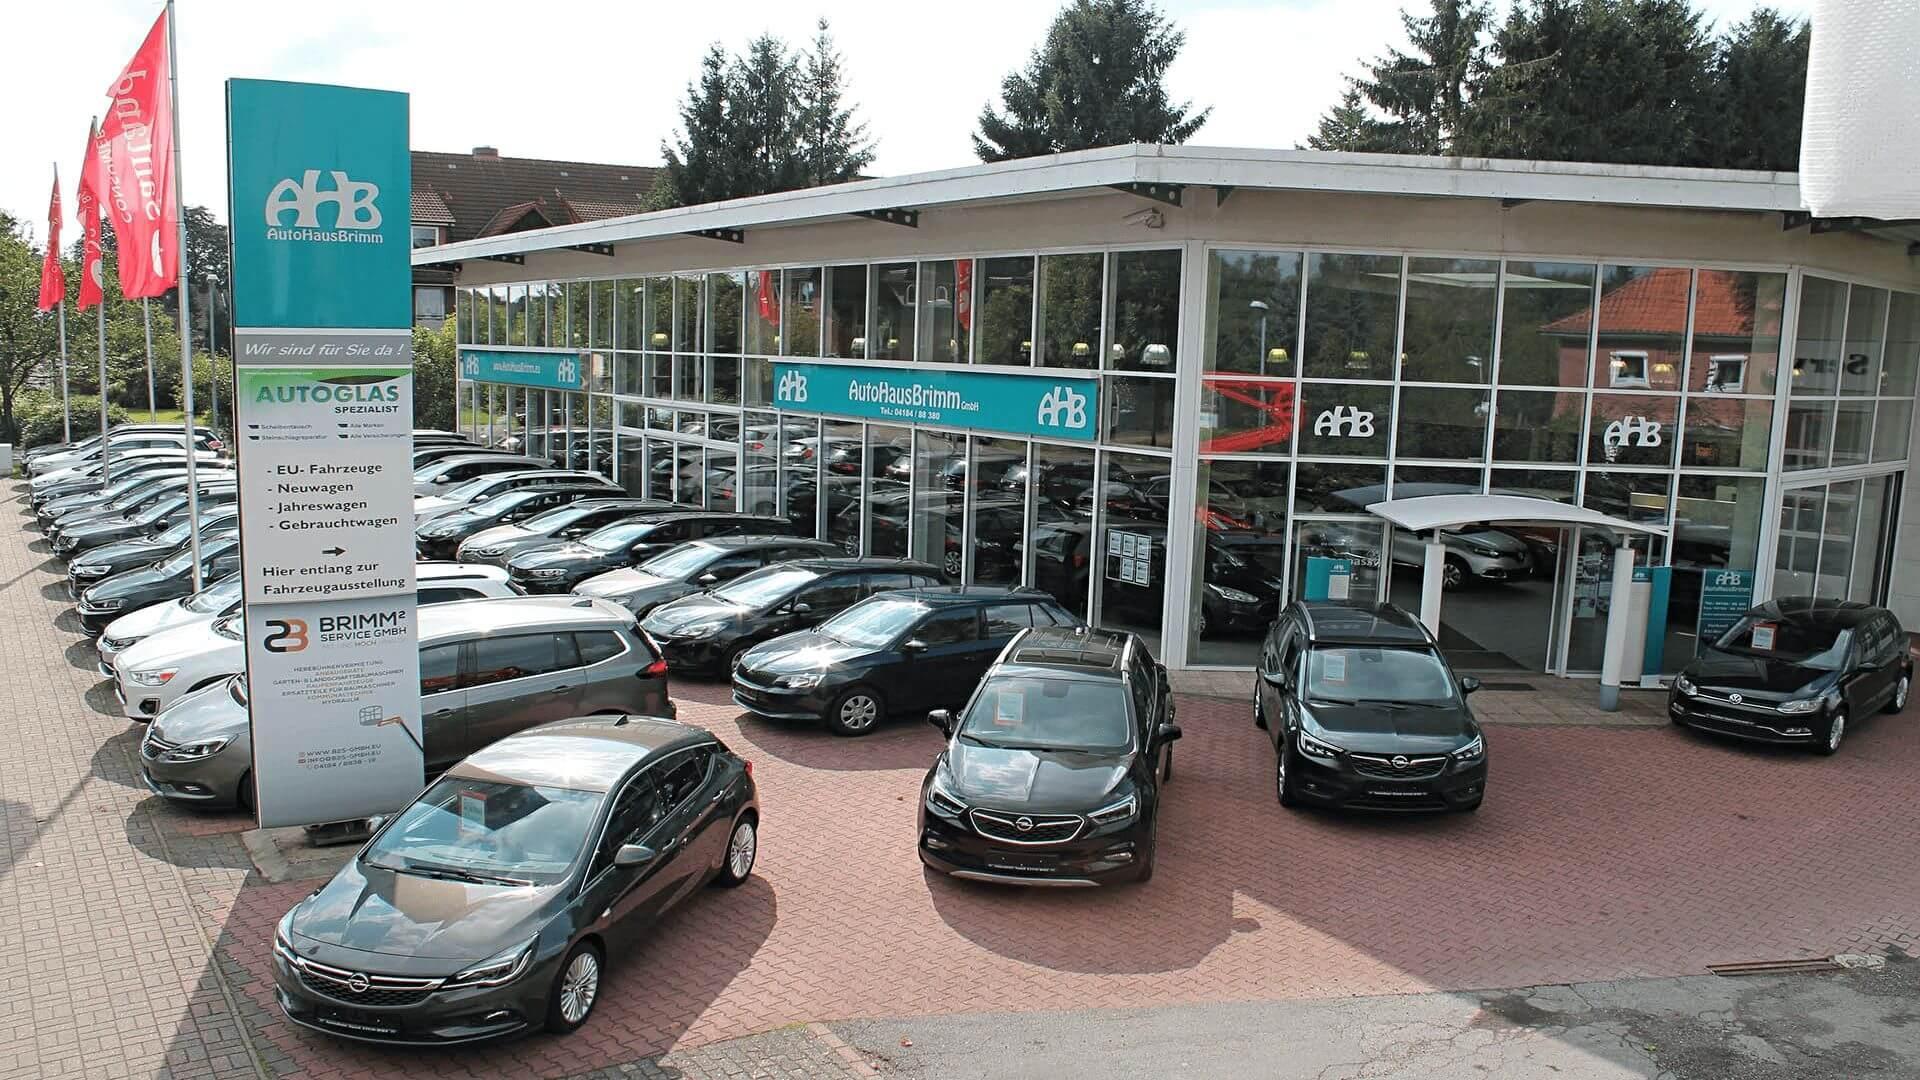 Autohaus Brimm - Neu- und Gebrauchtfahrzeuge im Süden Hamburgs